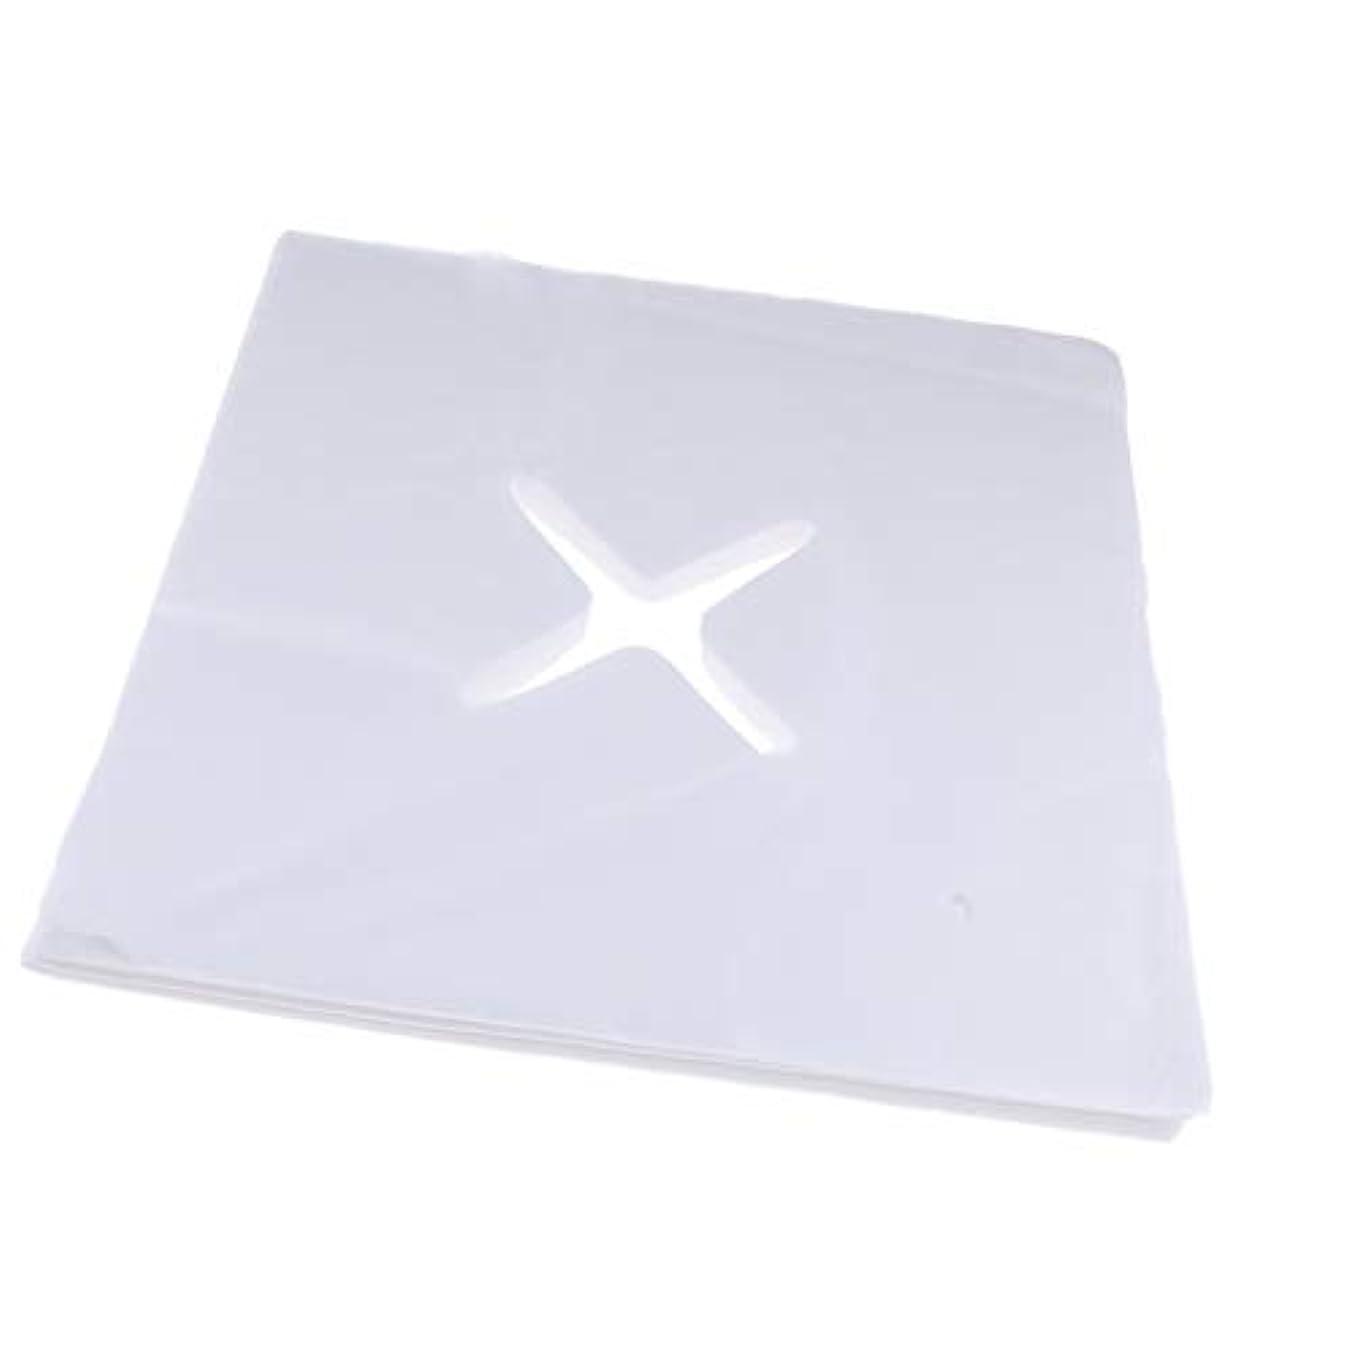 フルーティーボウルペルー約200枚 十字カット 使い捨て ピローシート フェイスカバー 枕カバー クッション S/M - L